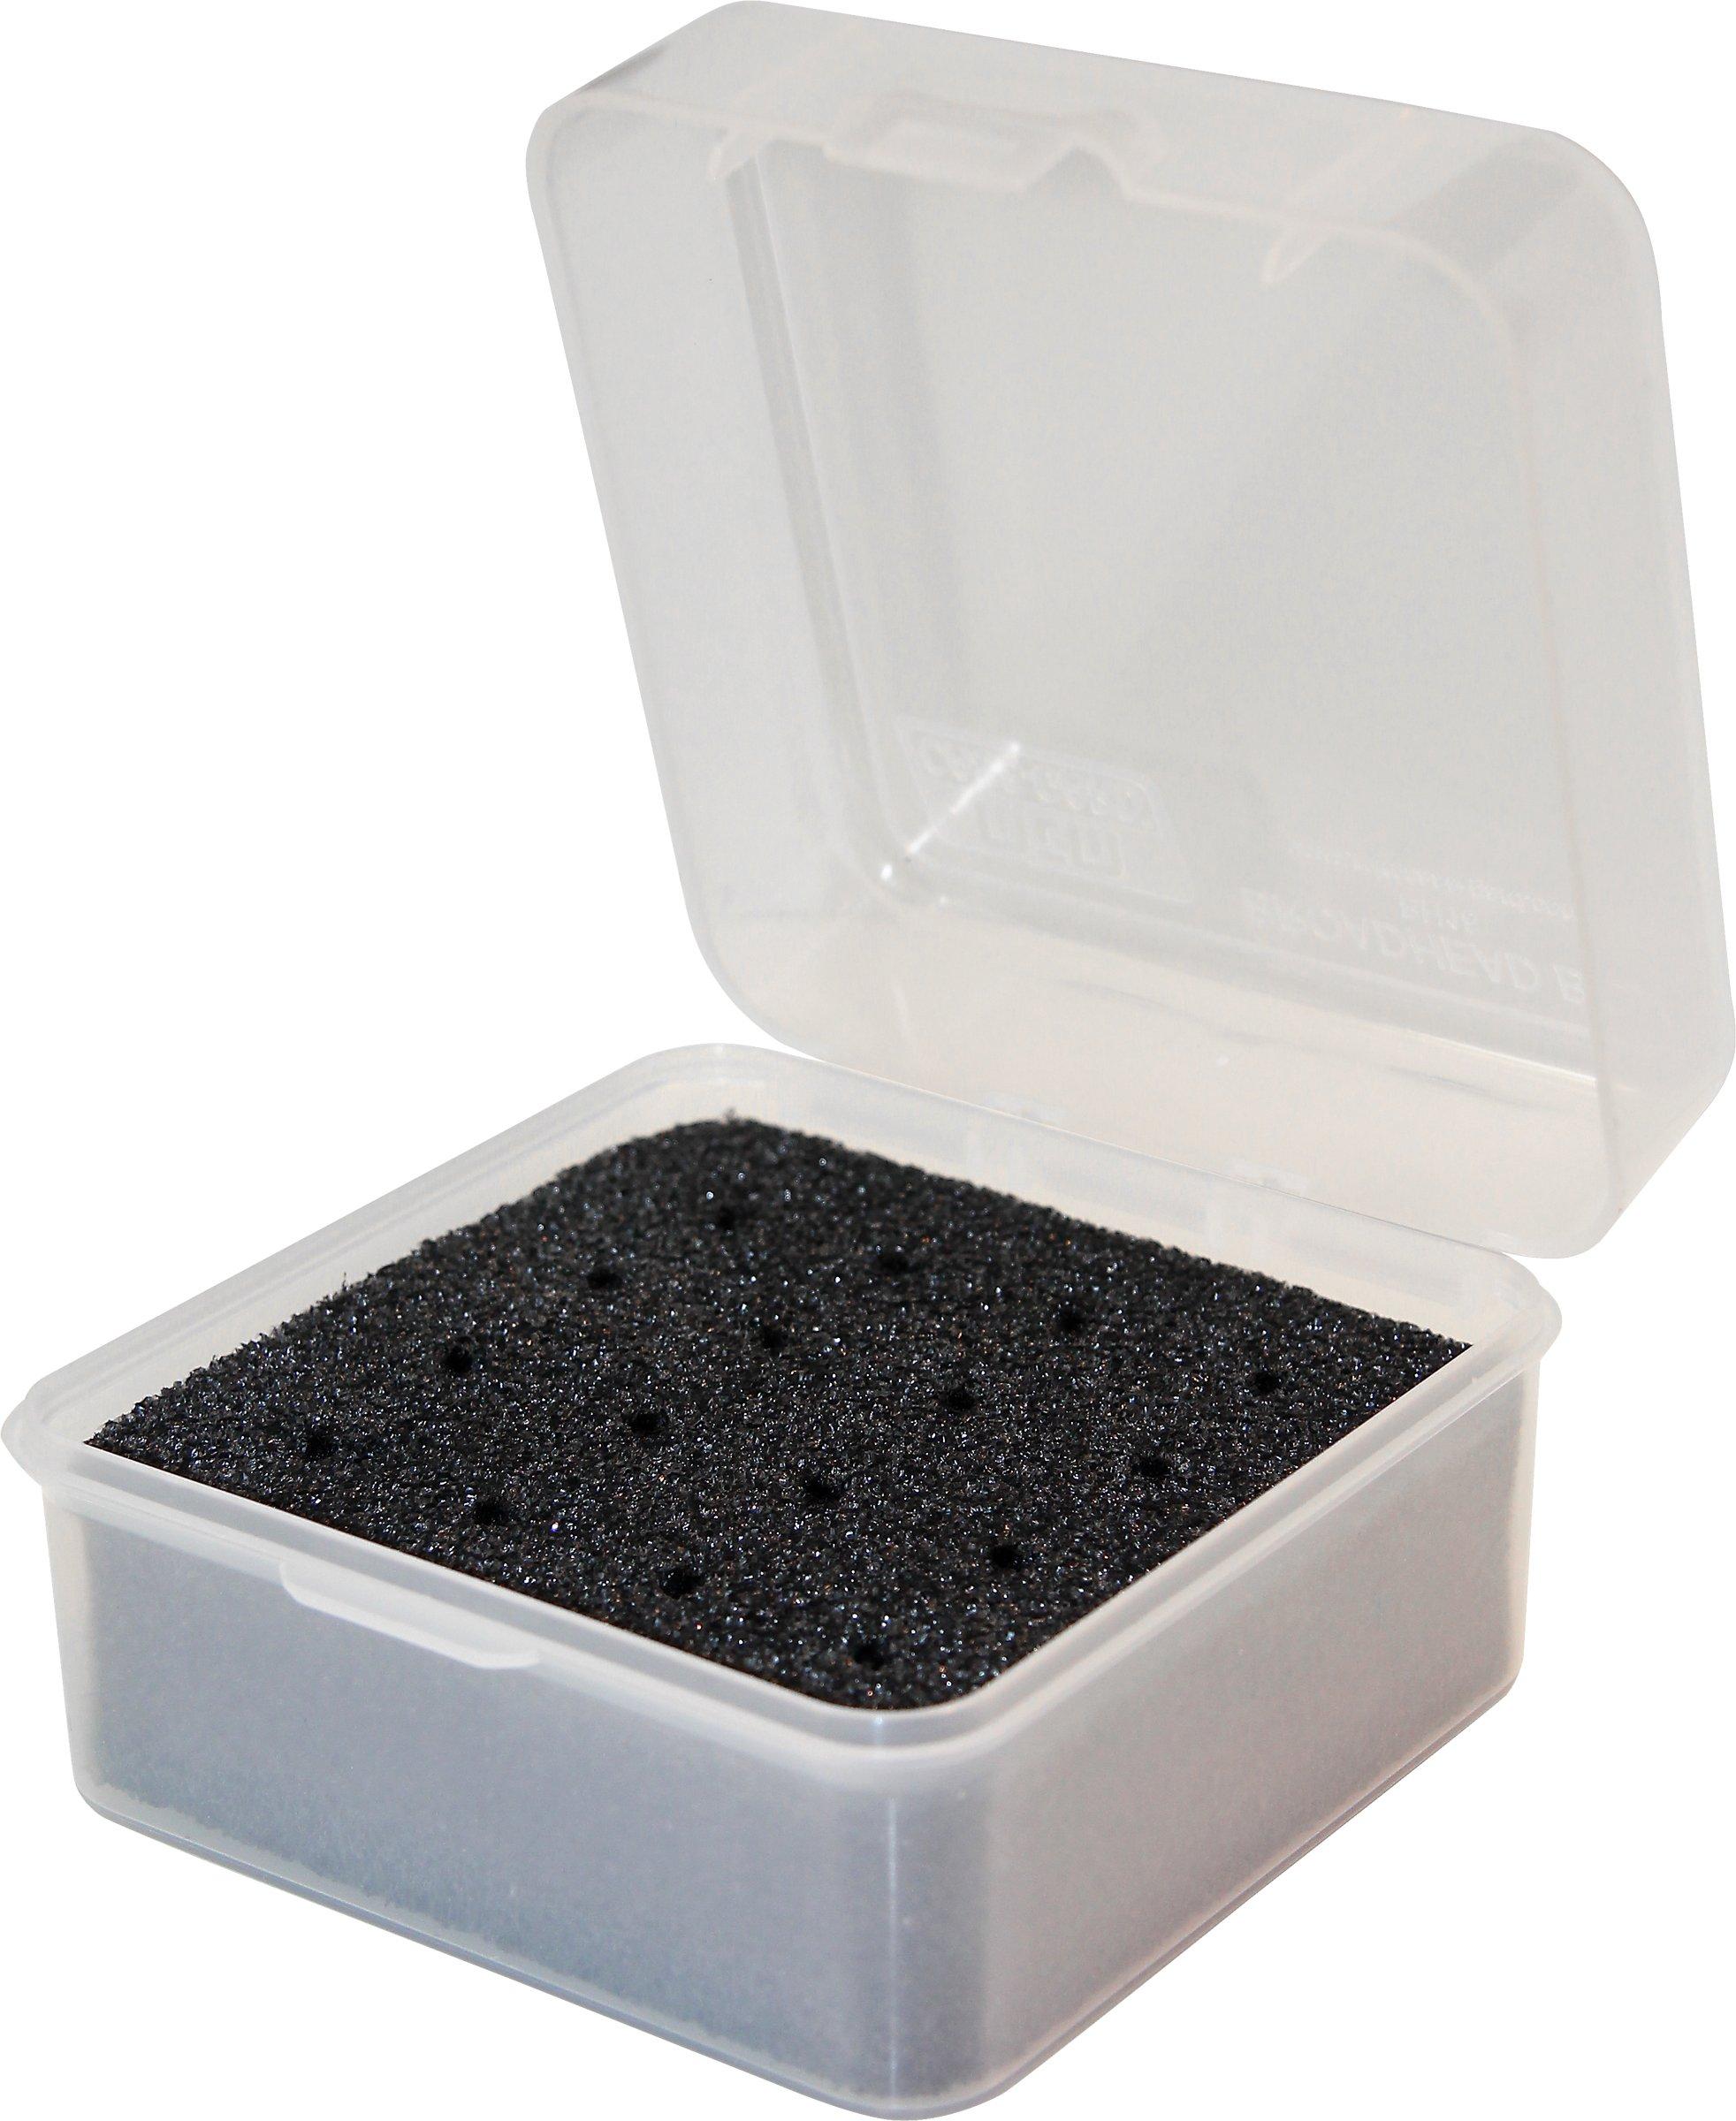 MTM Case-Gard Broadhead Box, Clear by MTM